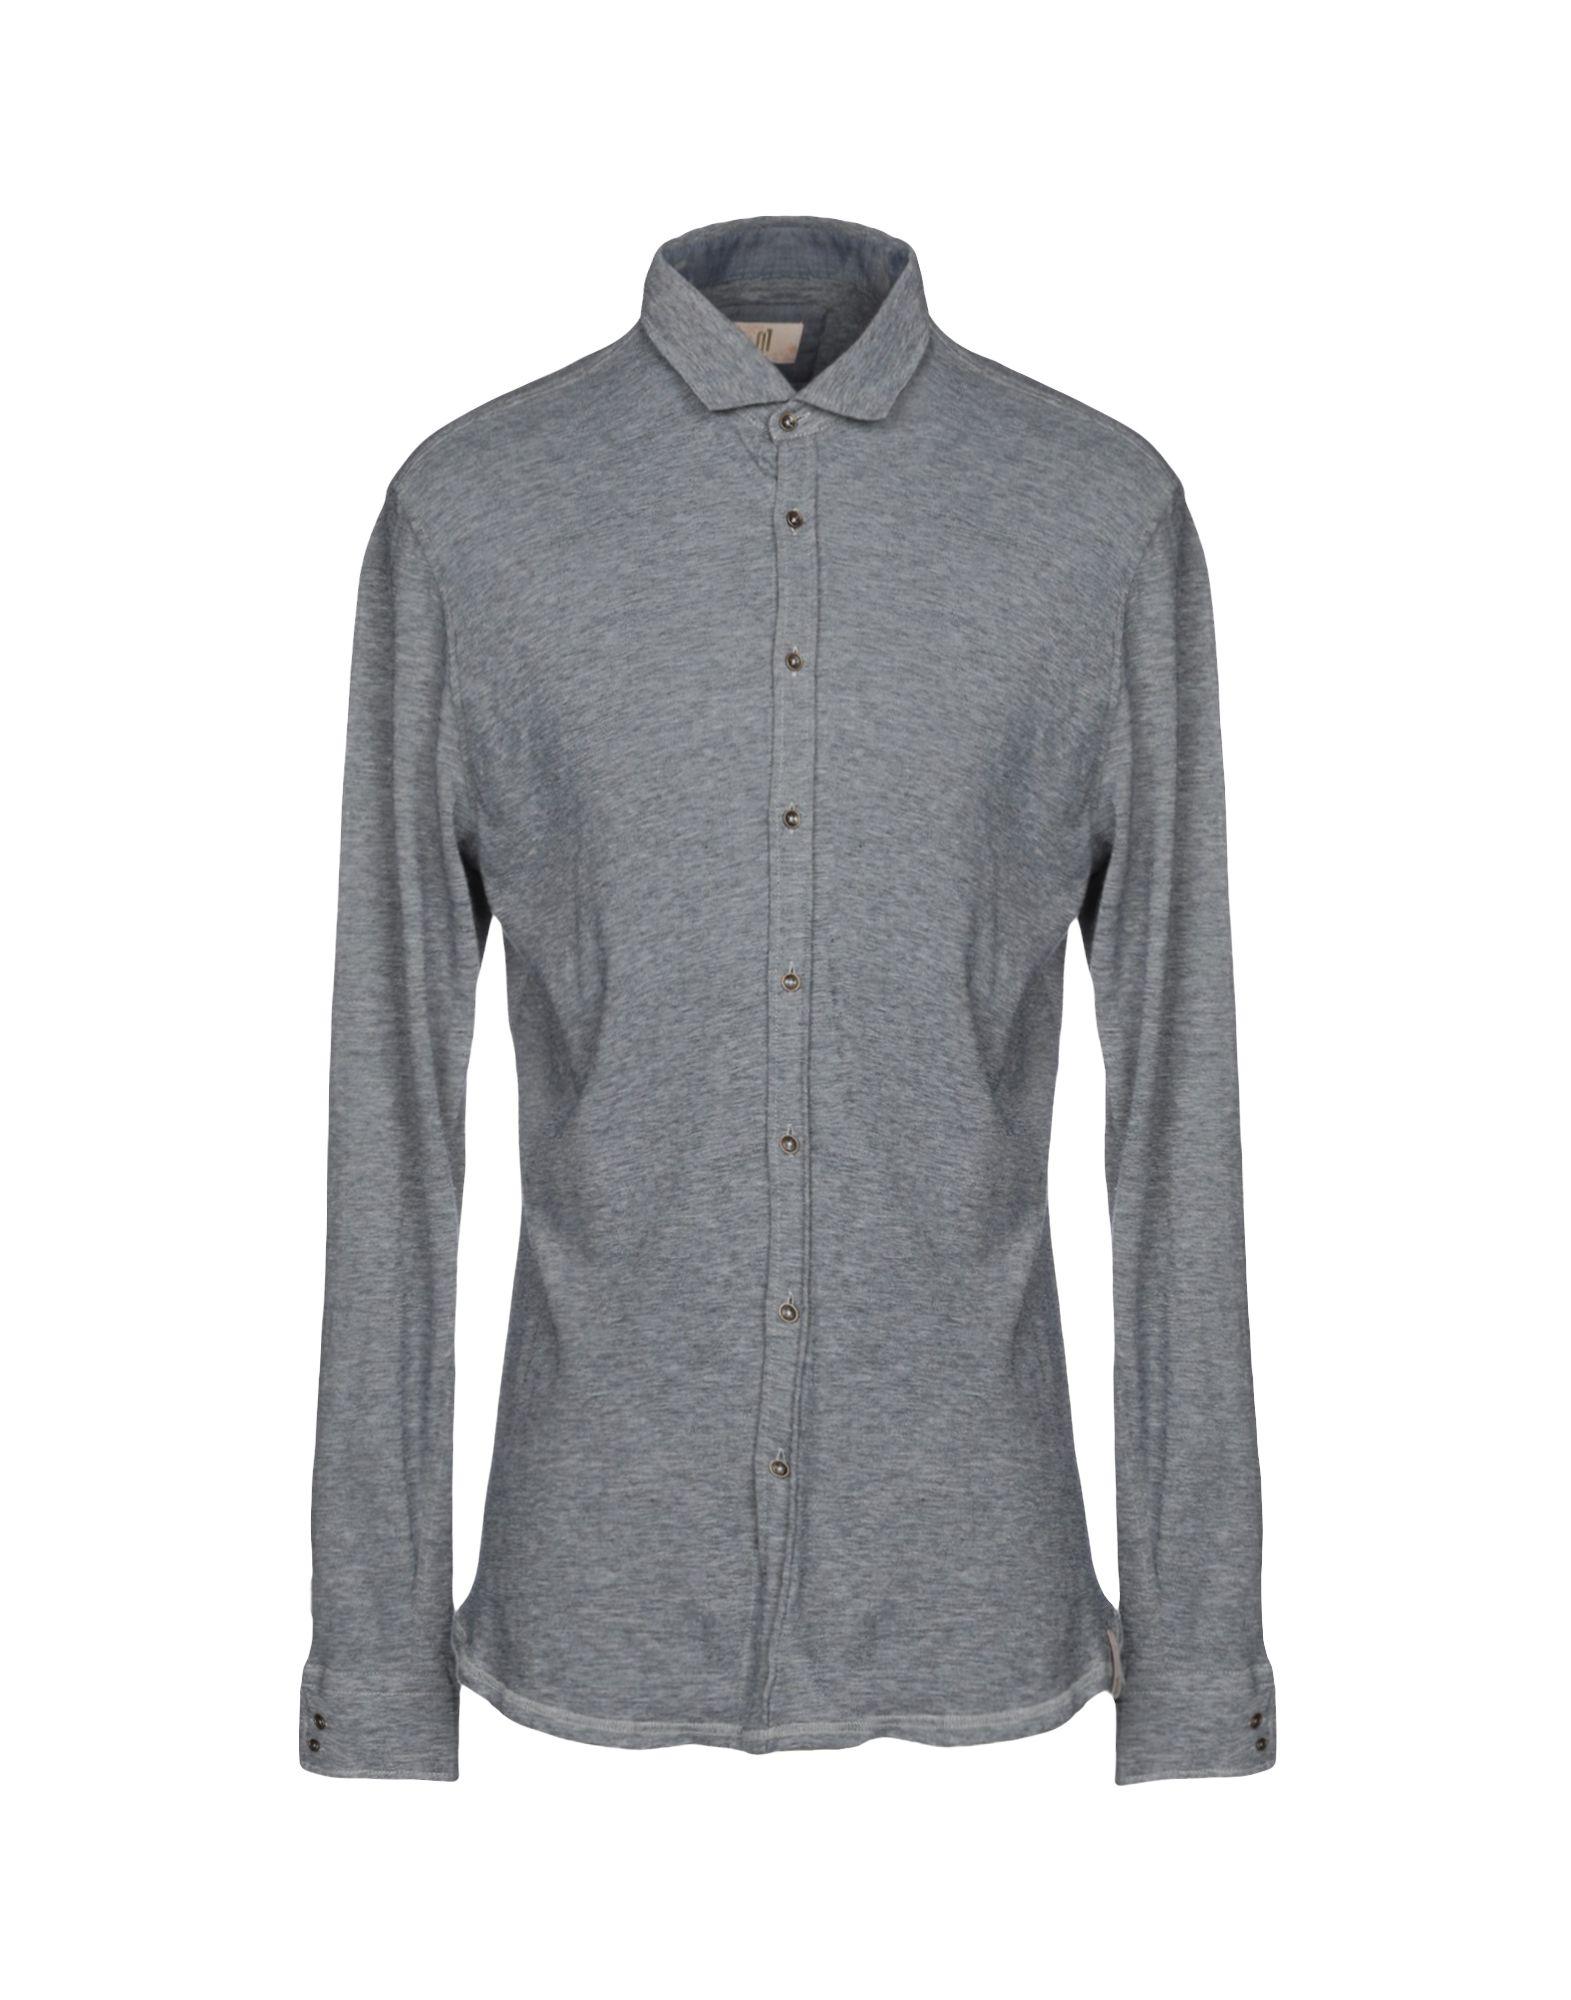 《送料無料》Q1 メンズ シャツ ブルーグレー XXL コットン 100%